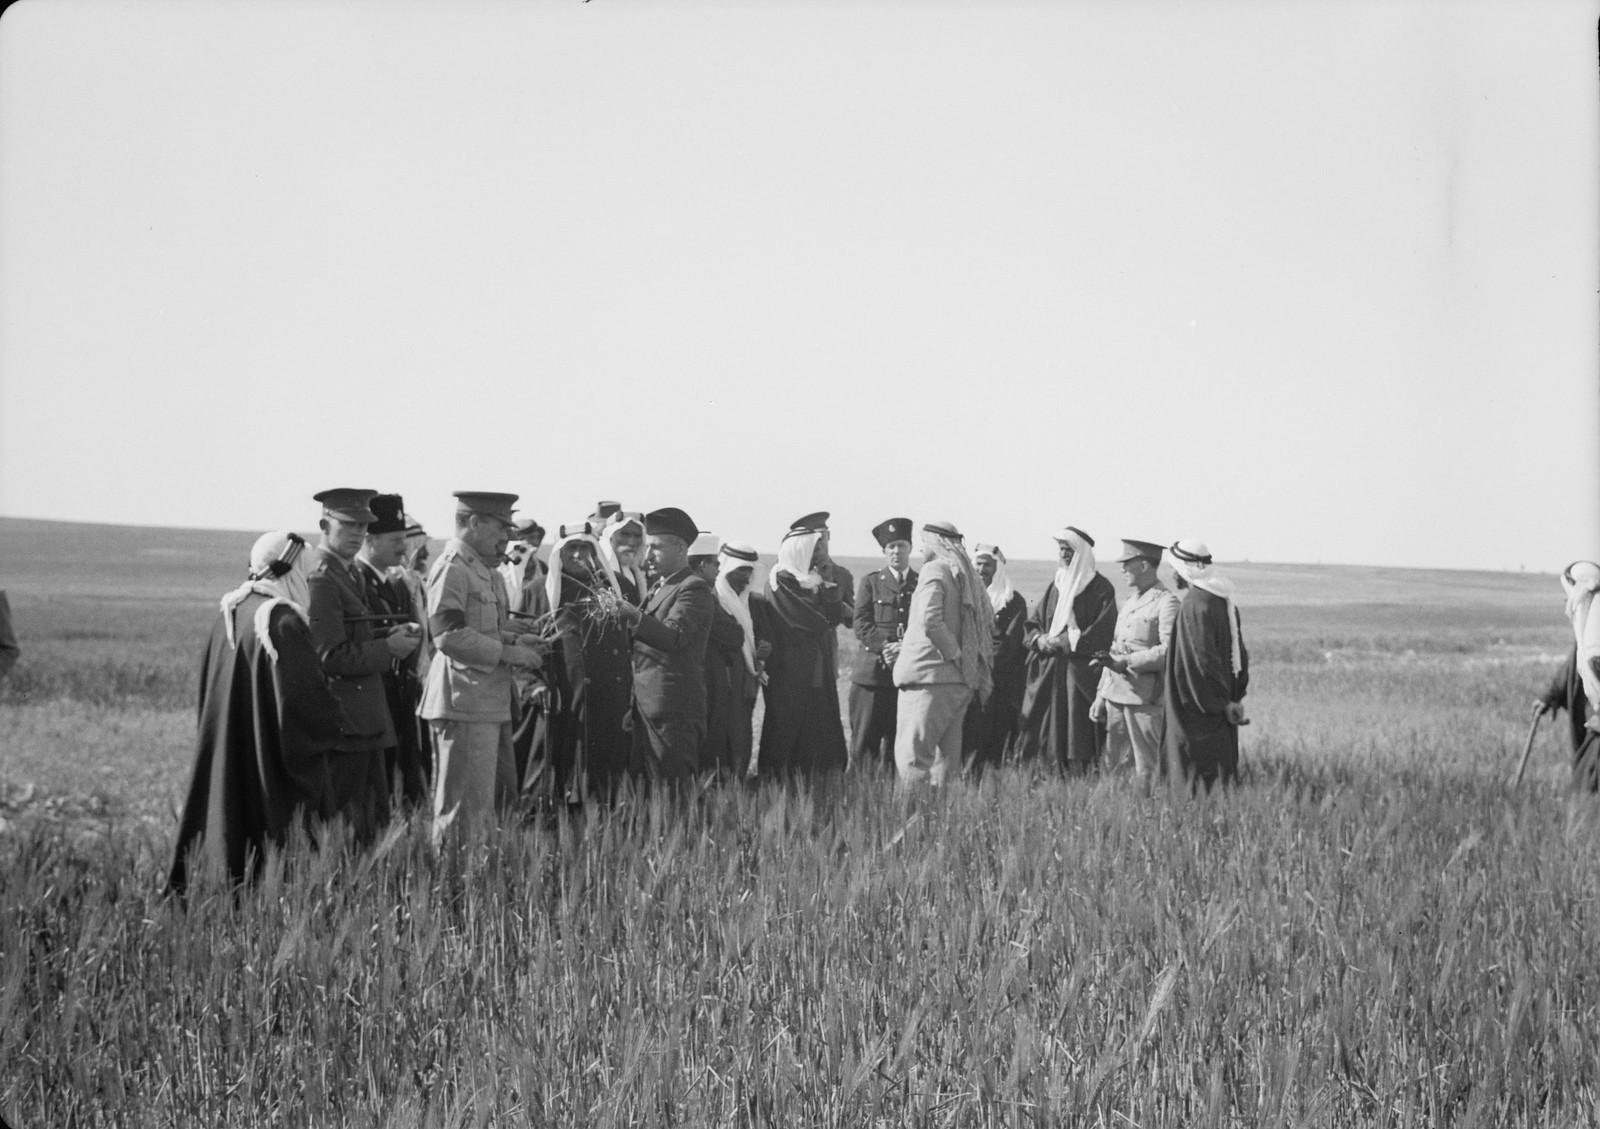 08. Группа гостей в поле слушает лекцию